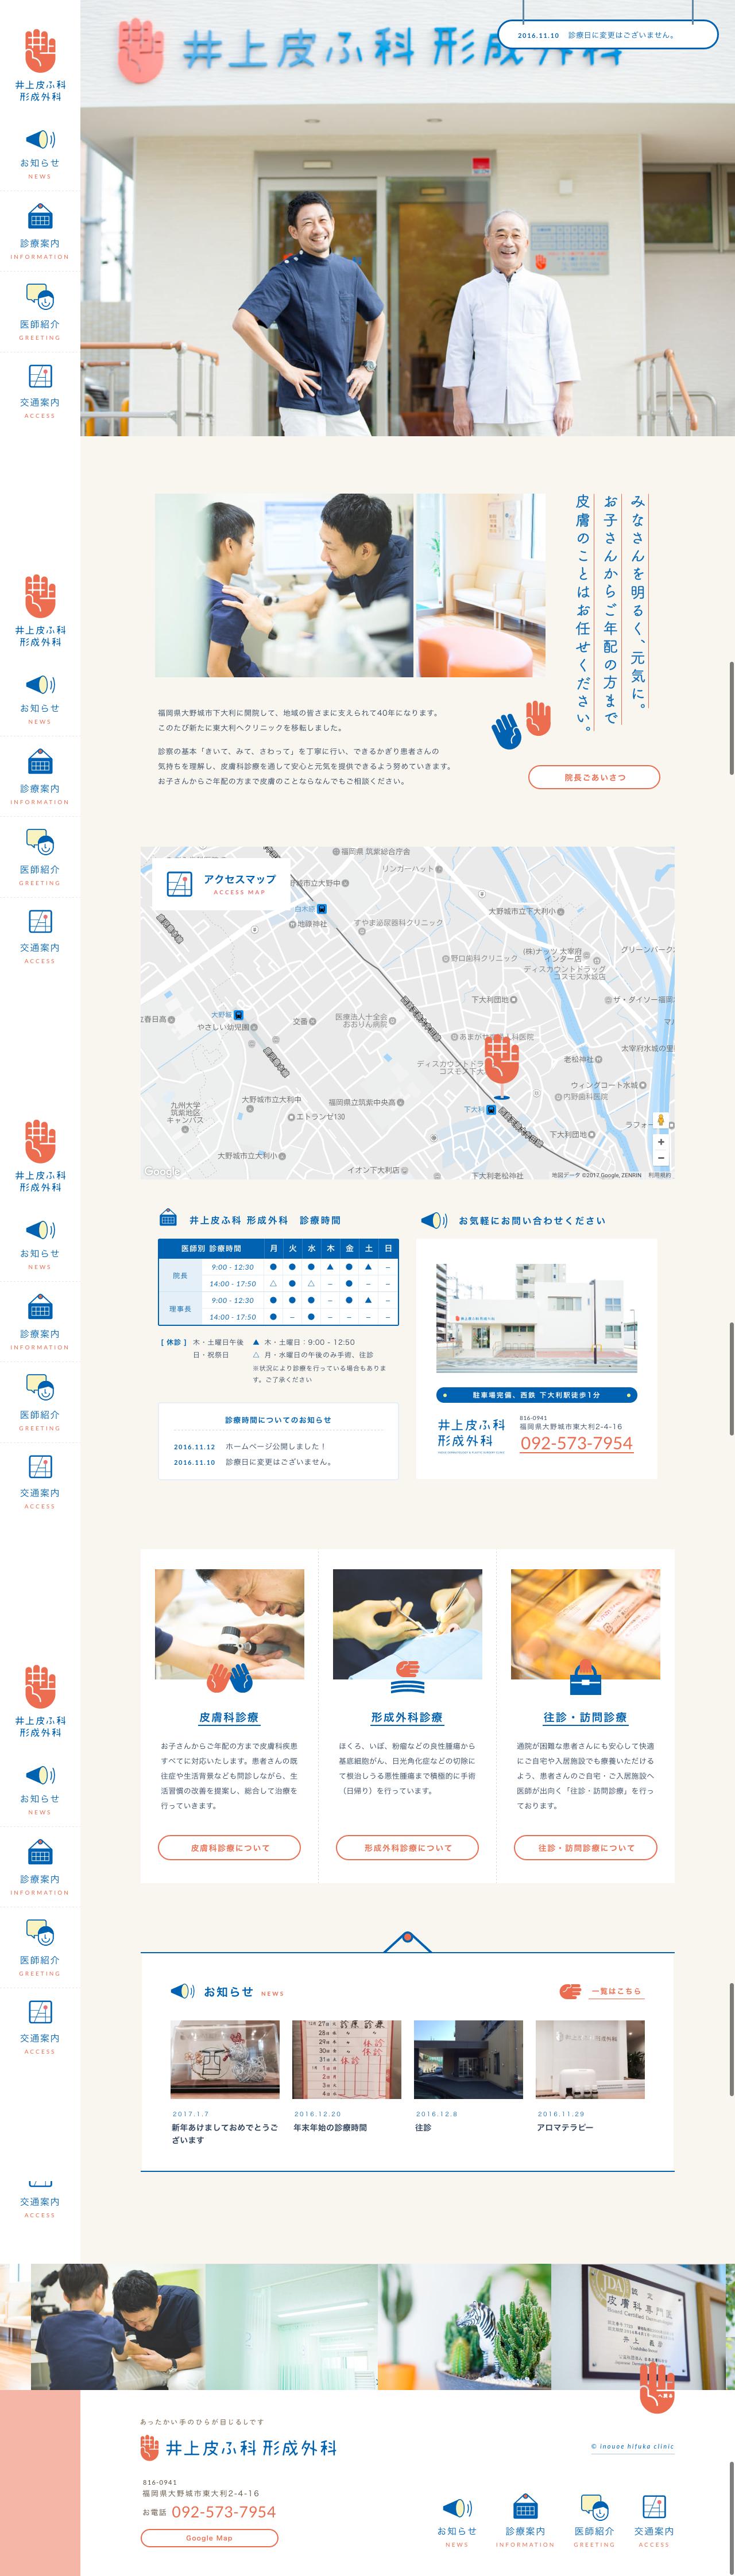 Site おしゃれまとめの人気アイデア Pinterest 浦川 拓実 ウェブデザイン Webデザイン 形成外科